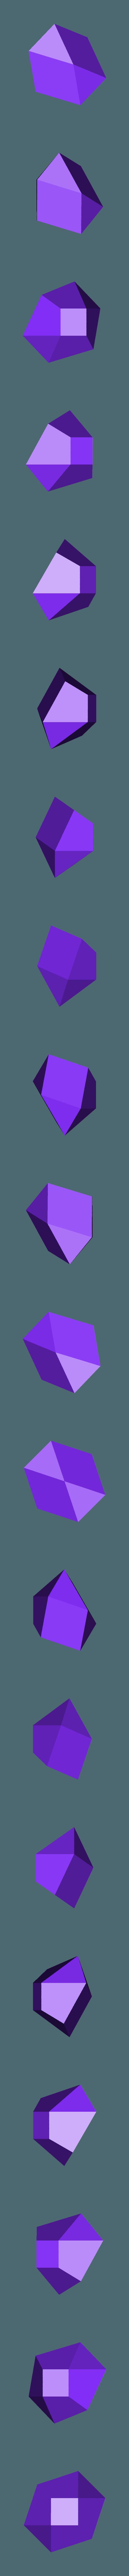 Bisymmetric_Hendecahedron_Solid_v1-0.STL Télécharger fichier STL gratuit Hendécaèdres Bisymétriques Magnétiques Bisymétriques • Objet pour impression 3D, WalterHsiao